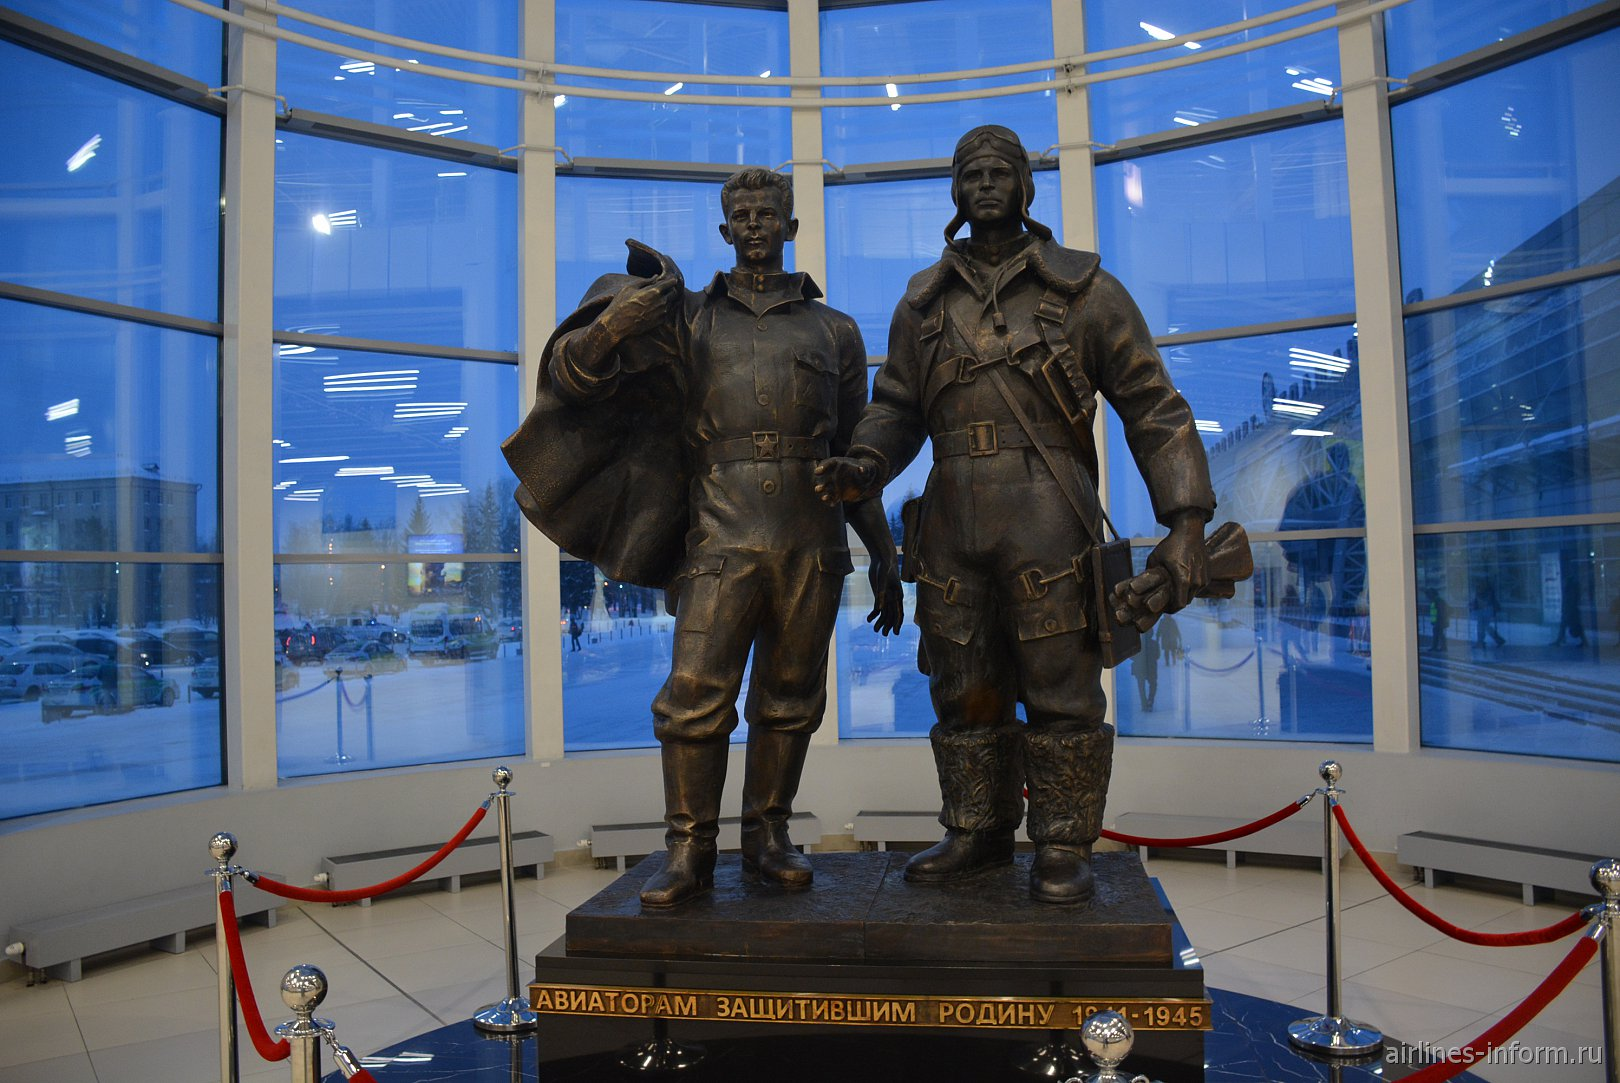 Памятник военным авиаторам в аэровокзале аэропорта Толмачево